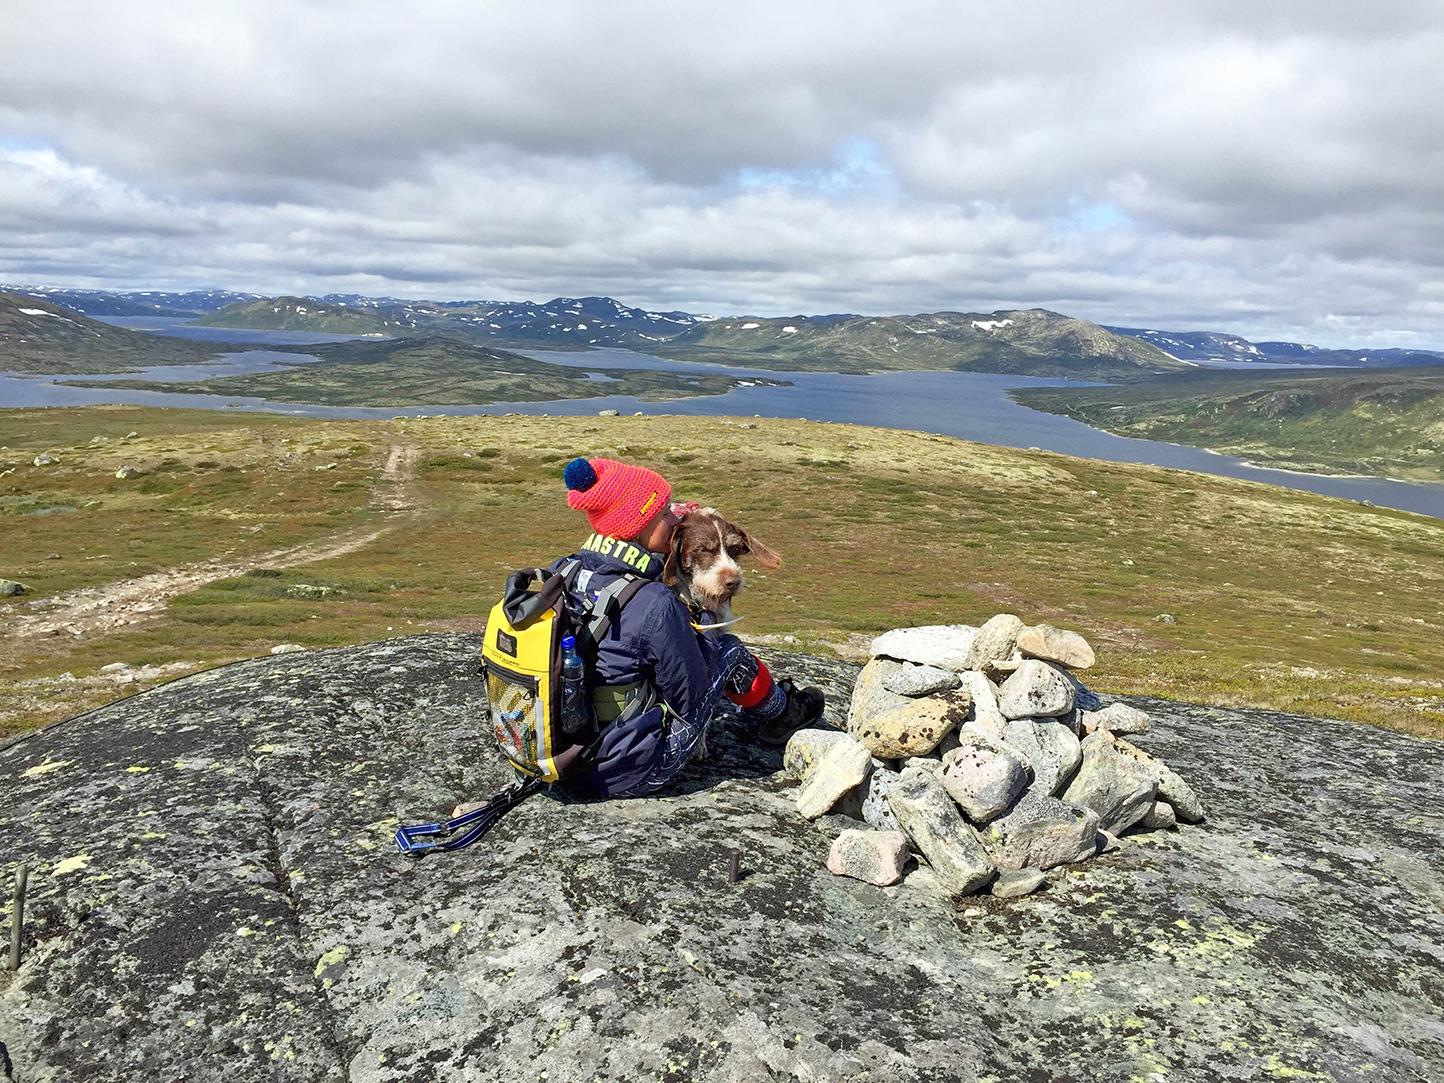 Det ser høyt ut, men stigningen fra 1100 til 1250 var moderat hele veien. Utsikt over Kalhovdfjorden.